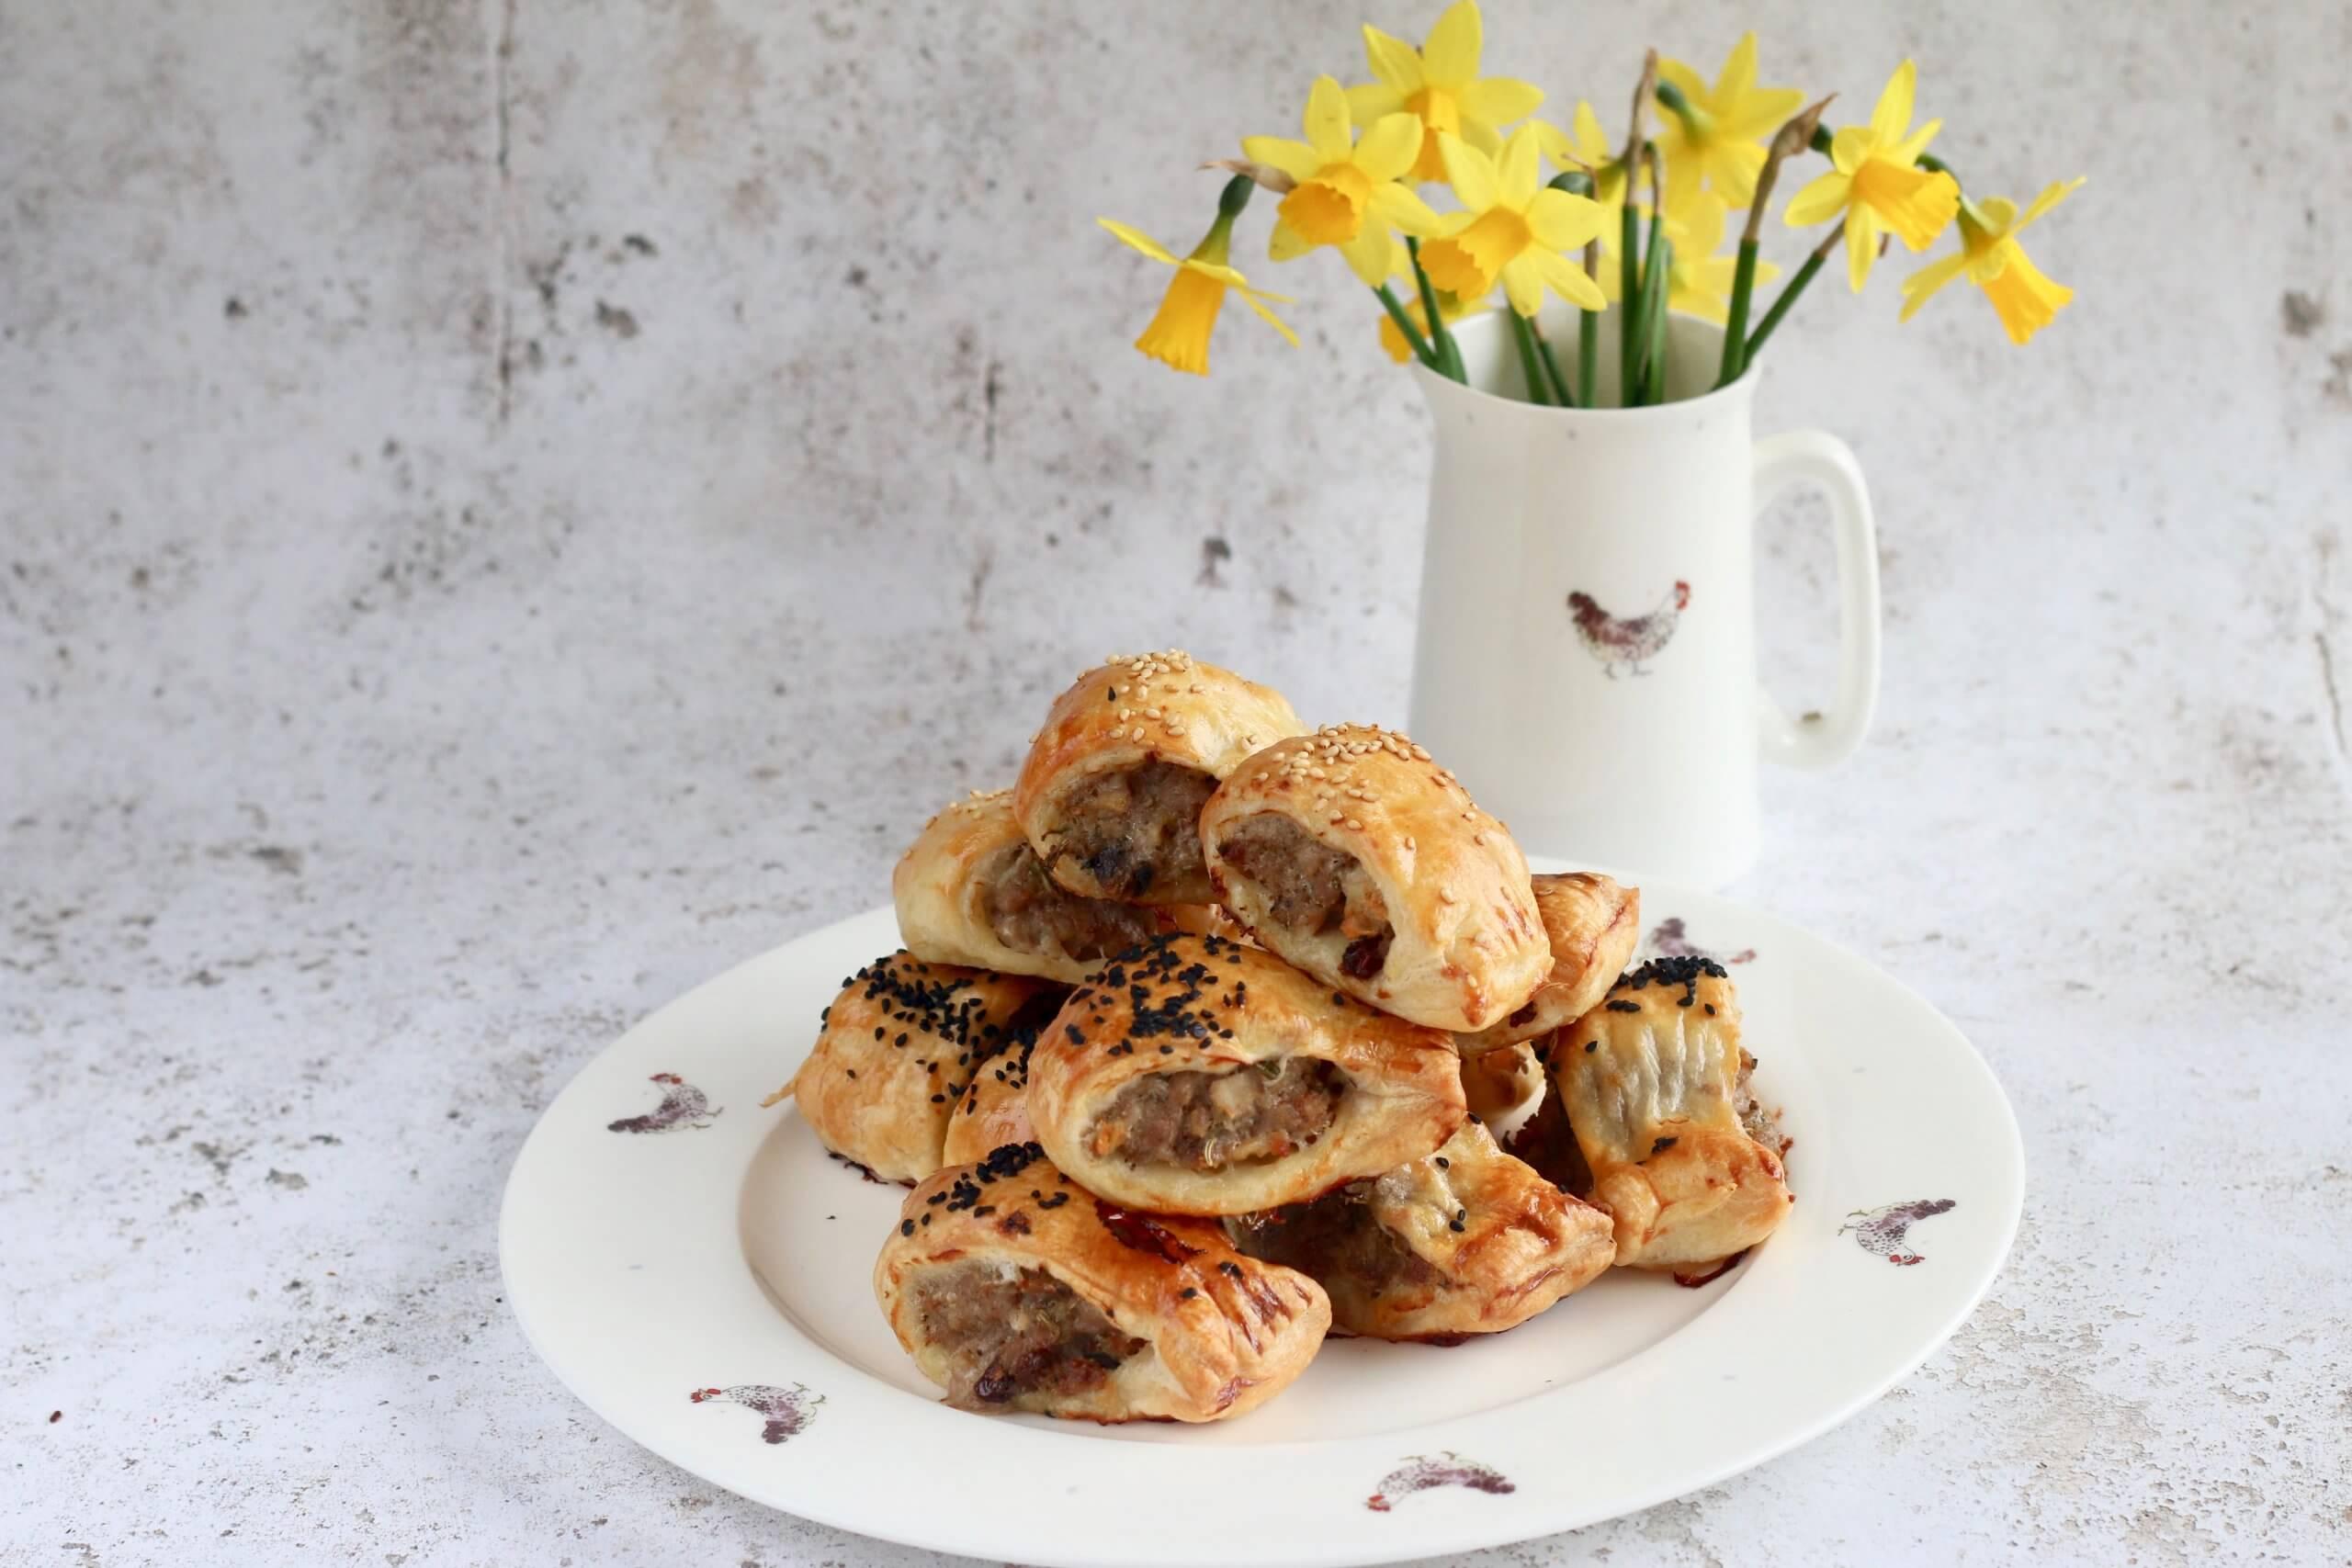 Packington Pork and Chicken Sausage Rolls